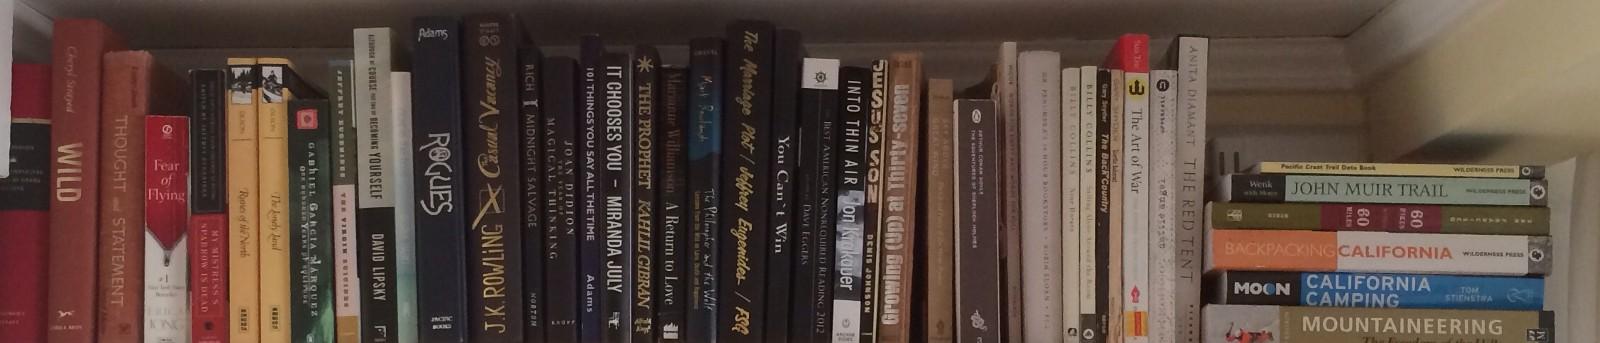 2014-02-12-Books.jpg